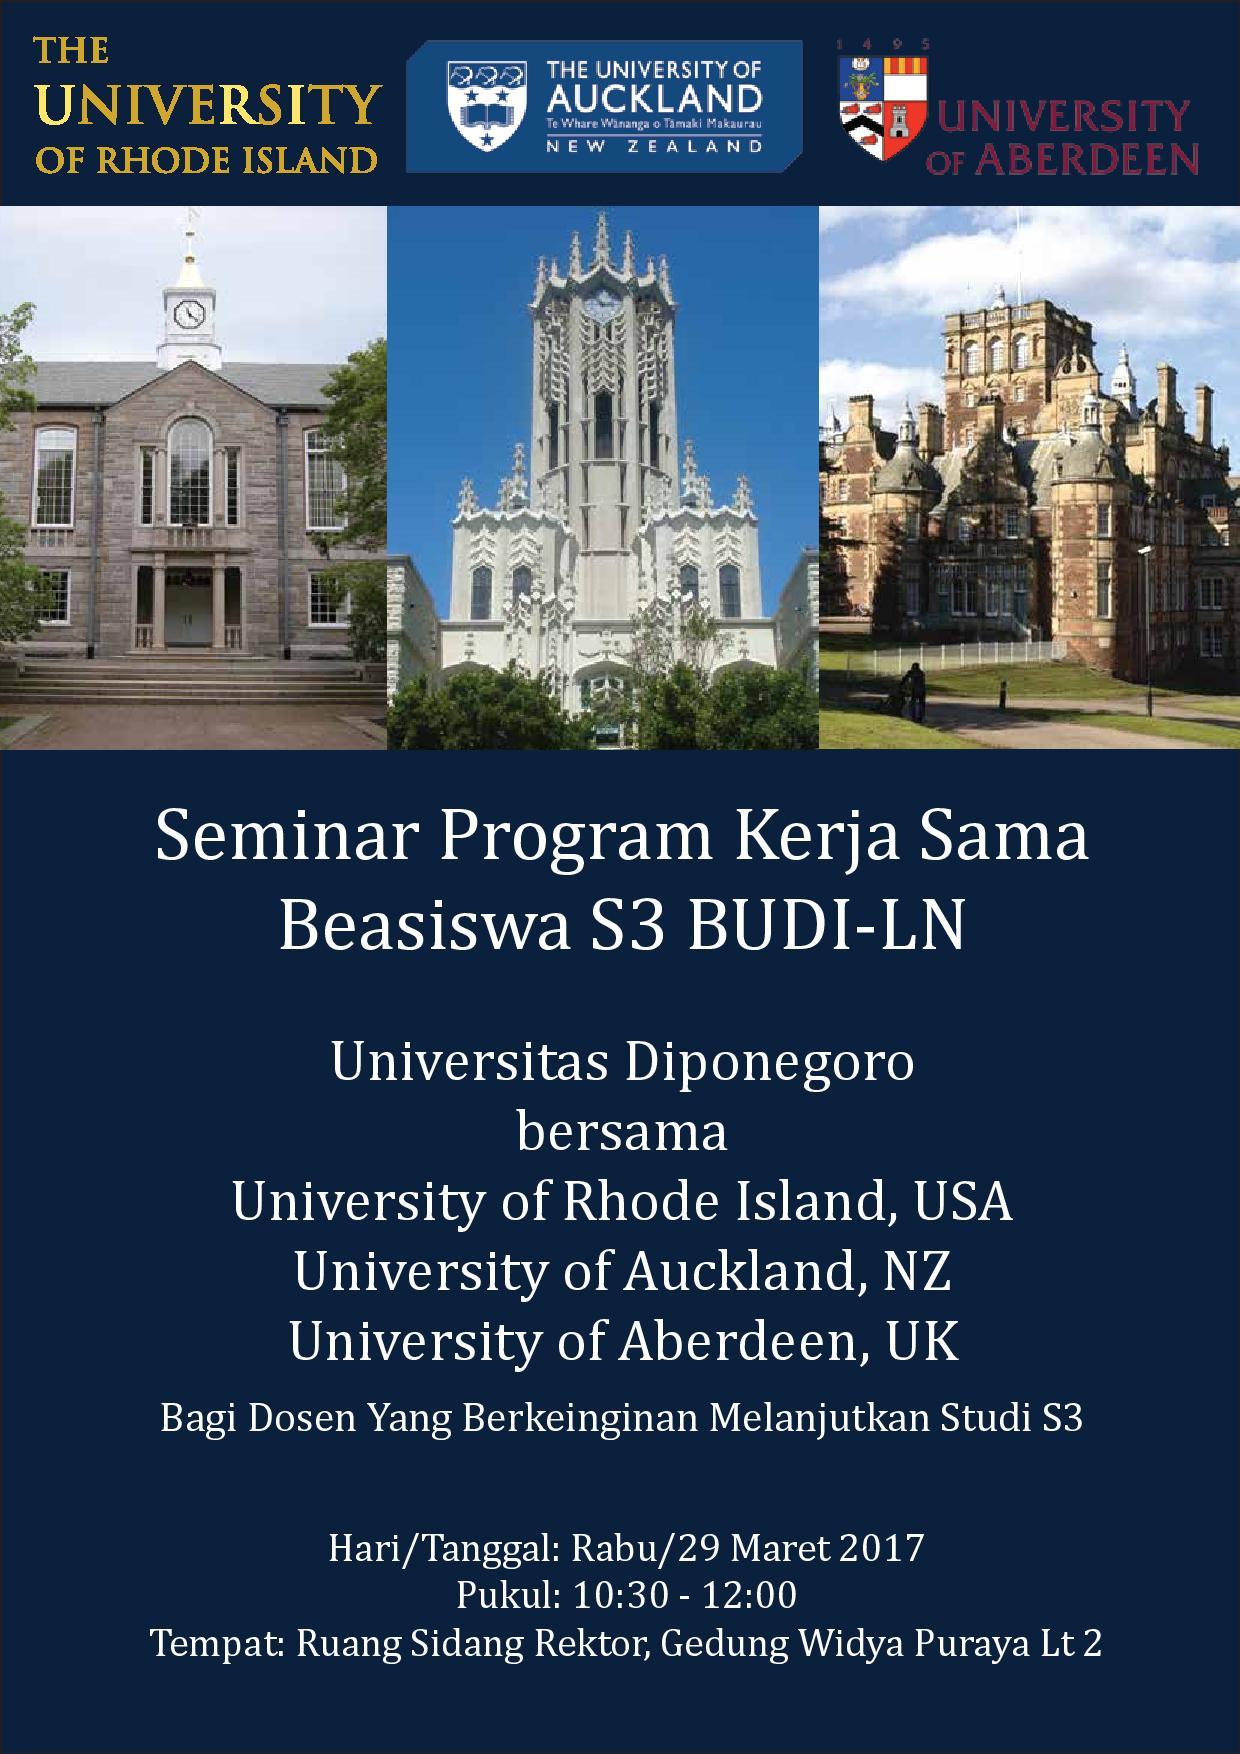 Seminar Program Kerja Sama Beasiswa S3 BUDI-LN